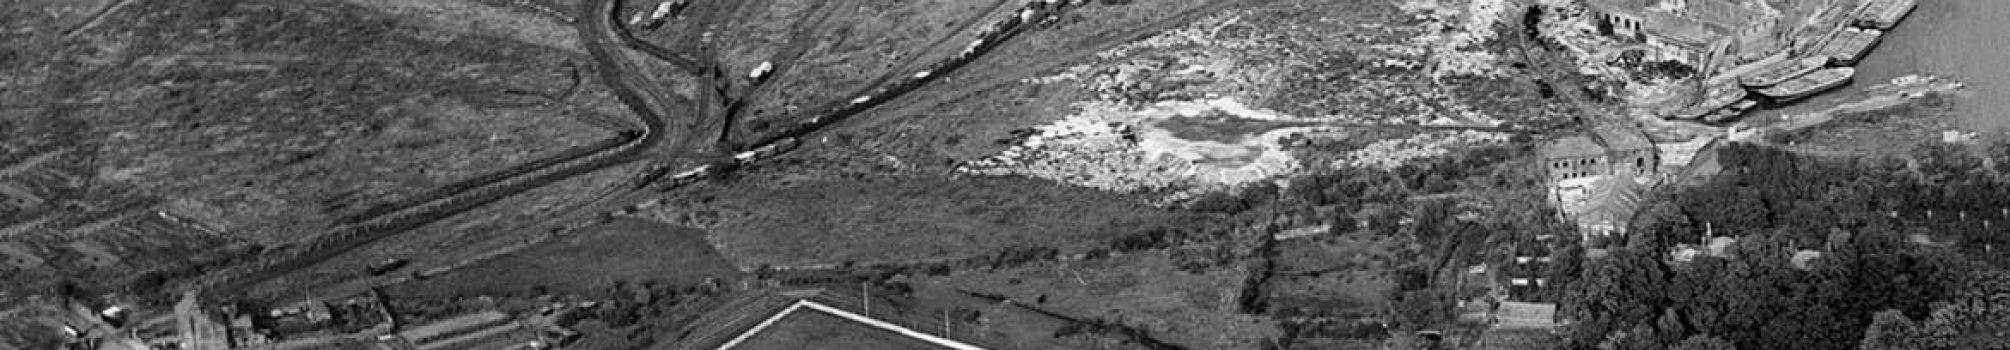 early-stonebridge